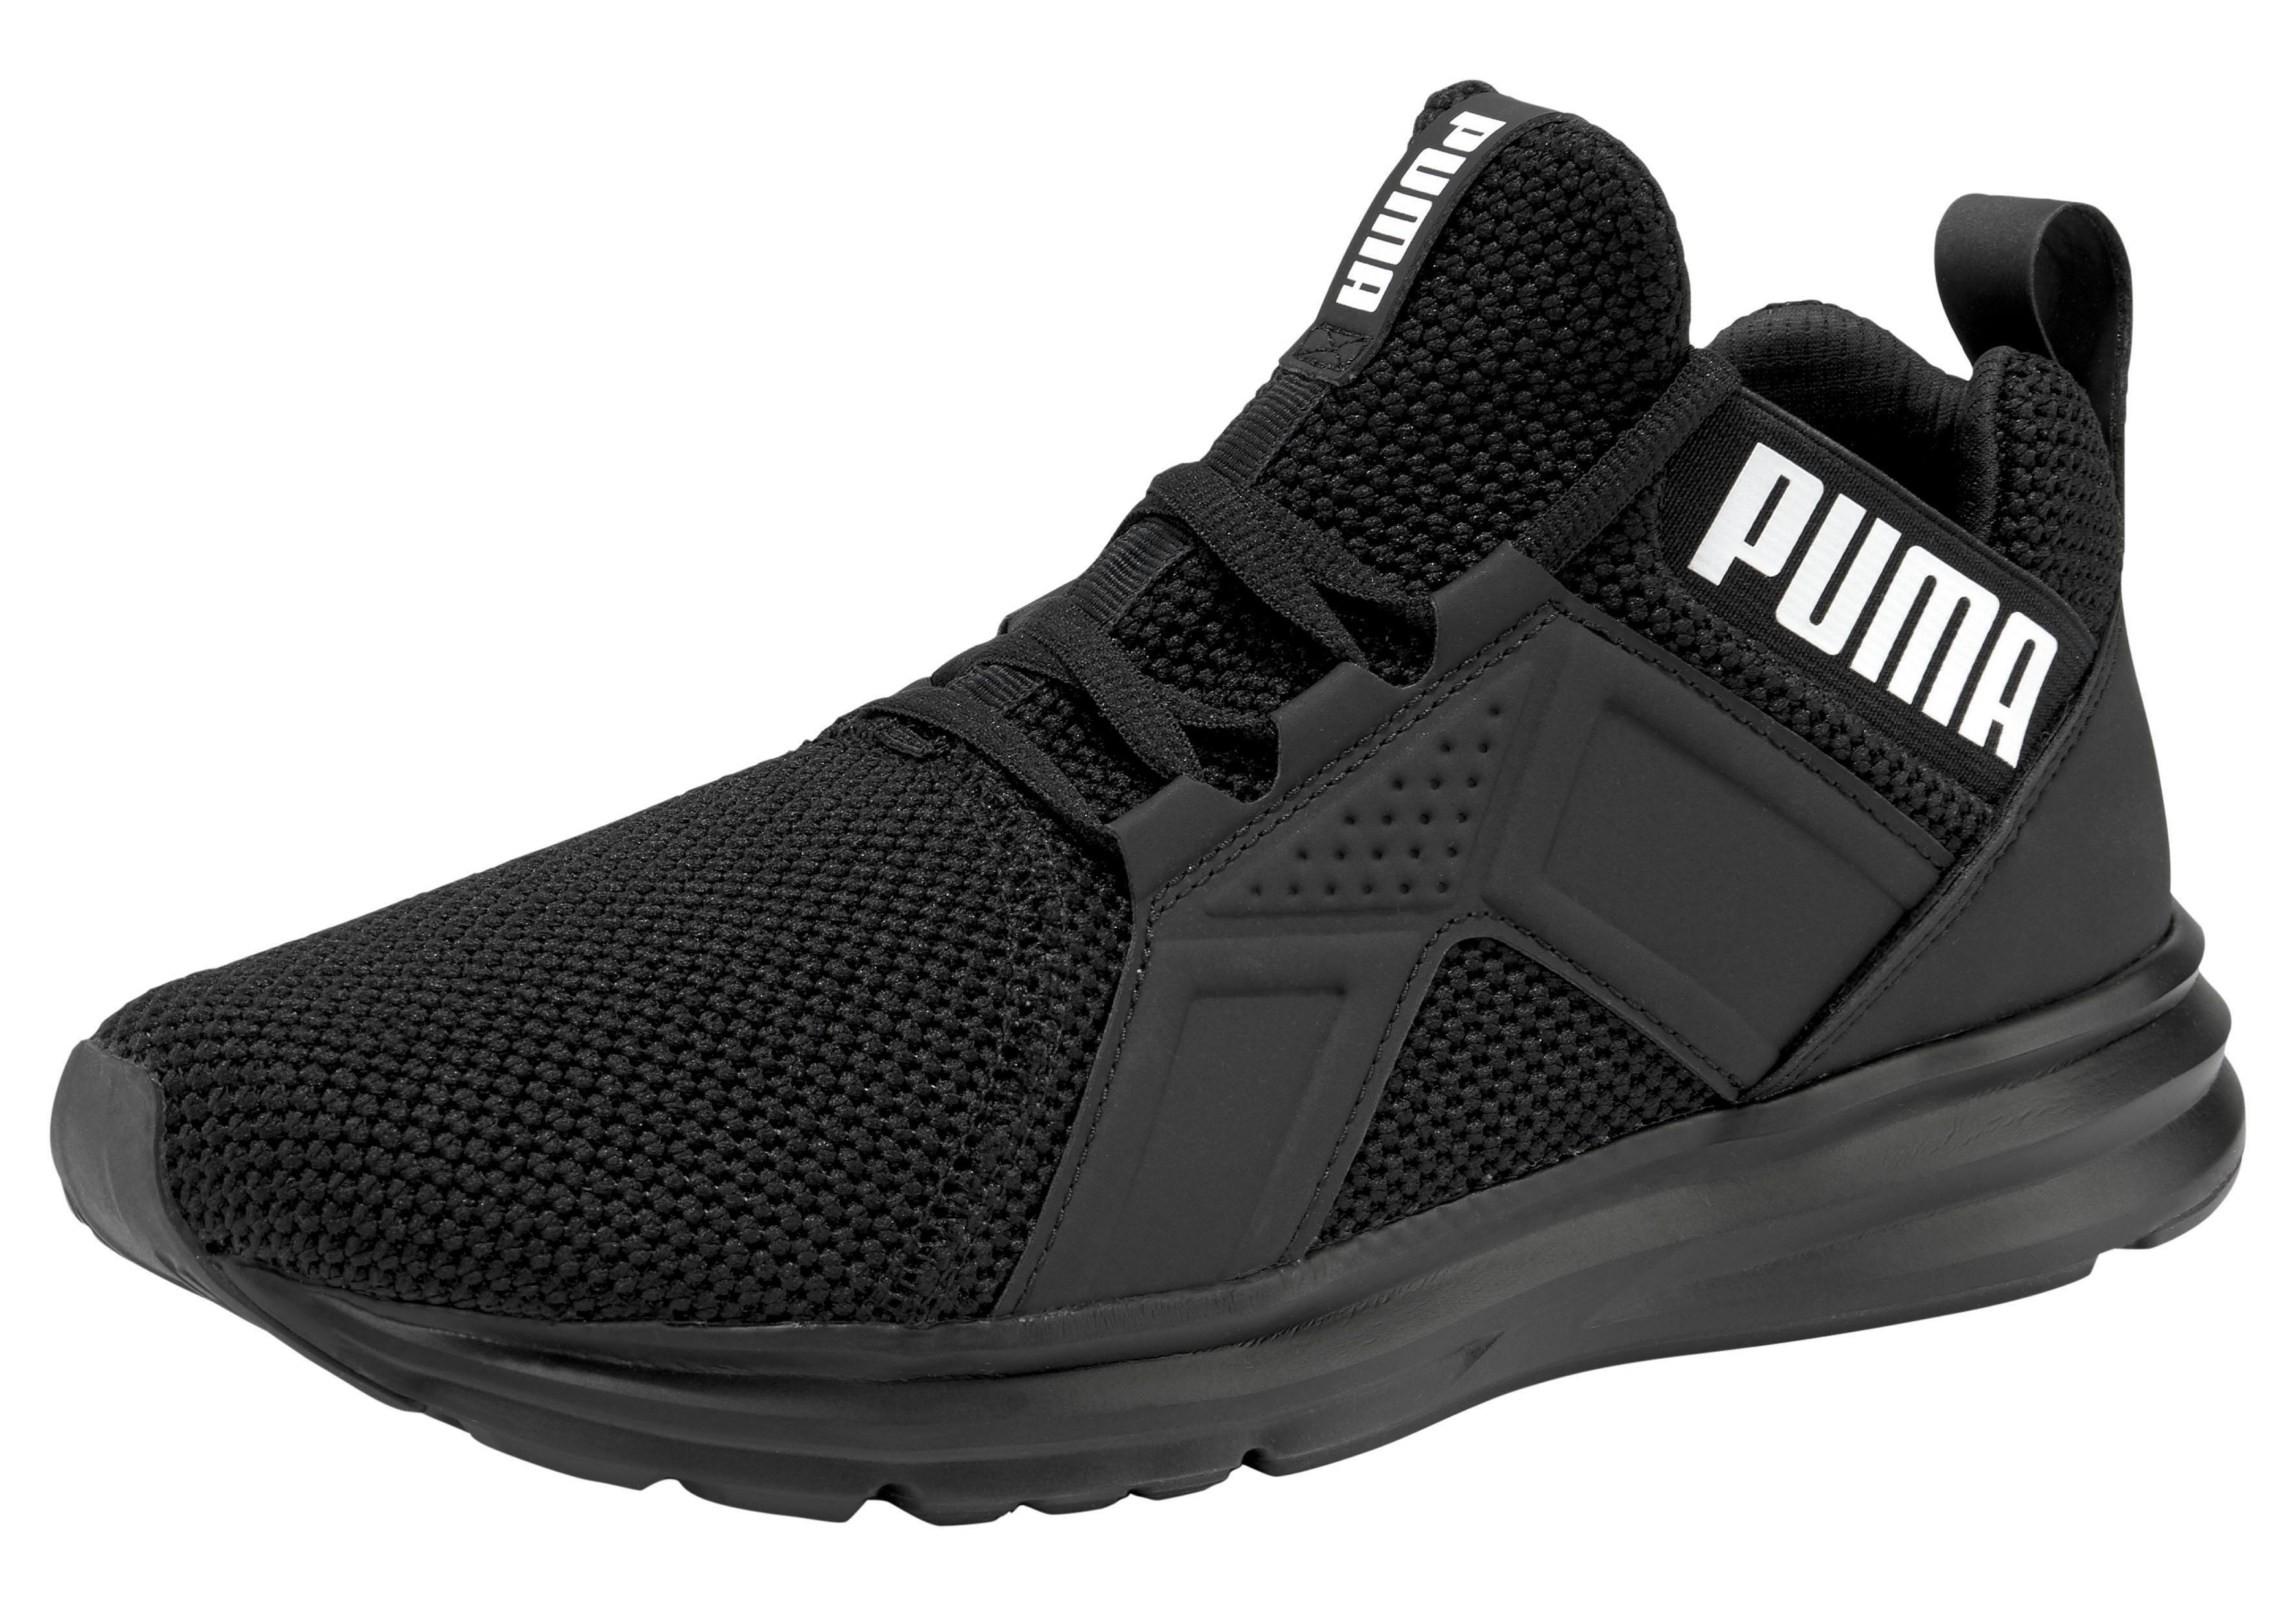 PUMA »Enzo Weave« Sneaker, Sportlicher Sneaker von Puma online kaufen | OTTO